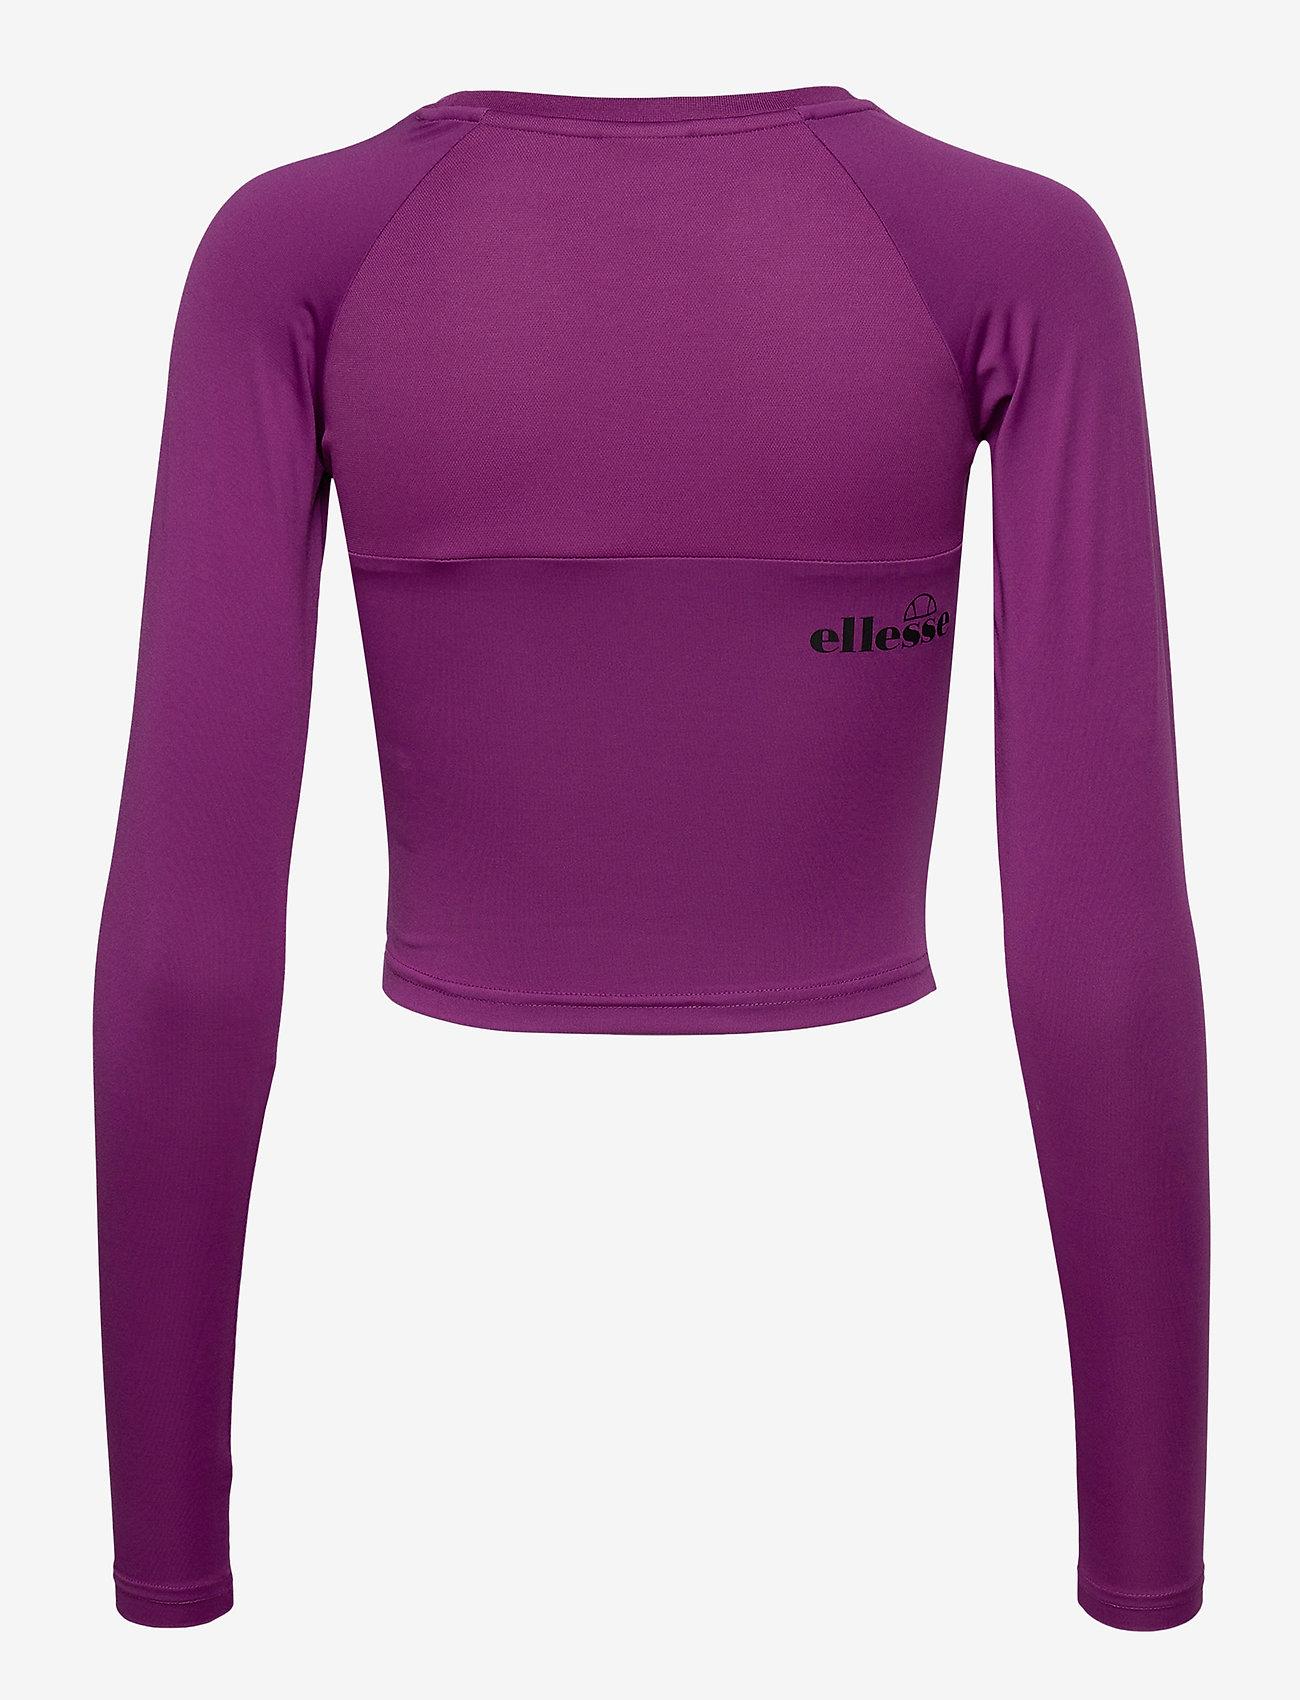 Ellesse - EL MERILO LS CROP T-SHIRT - crop tops - purple - 1